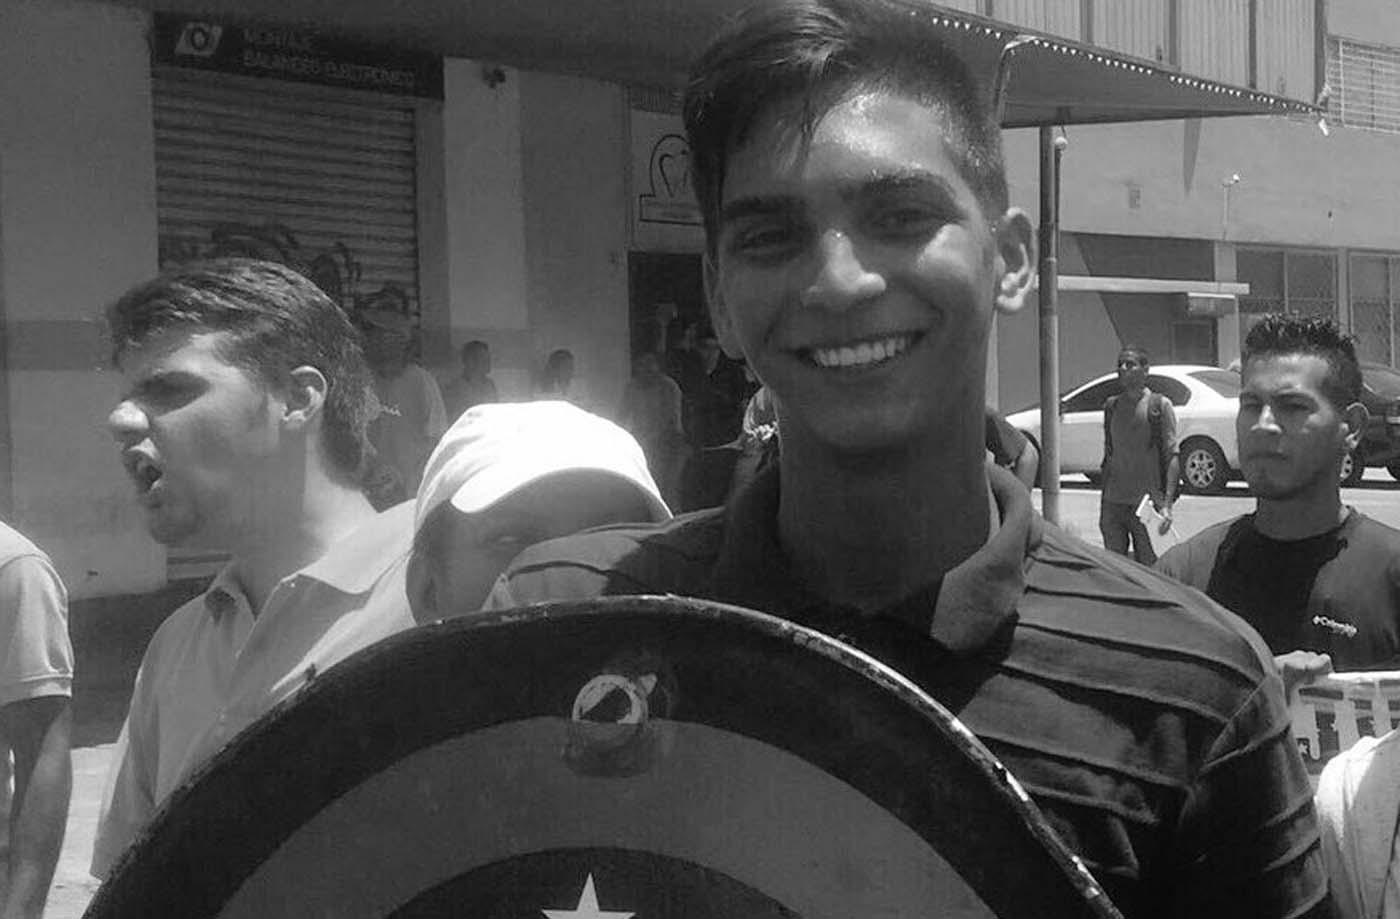 El joven, César Pereira falleció luego de haber sido impactado el pasado sábado con metras en el abdomen. Foto: @ArmandoArmas